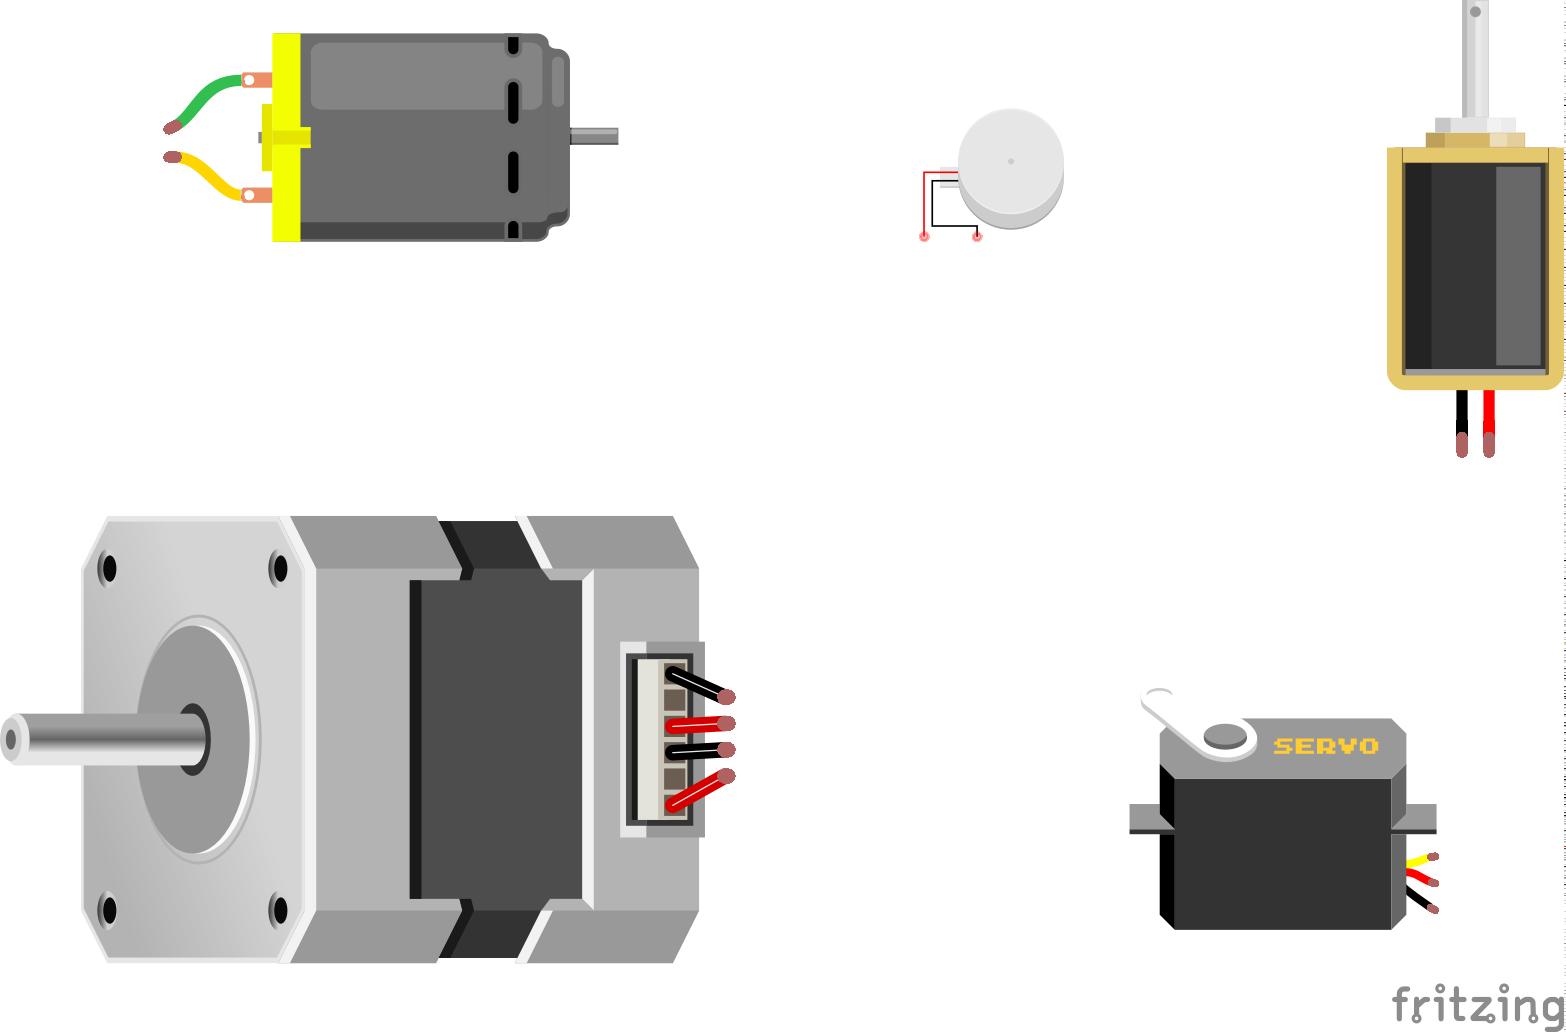 Moottoreita ylhäältä vasemmalta alkaen - DC-moottori, värinämoottori, solenoidi, askelmoottori ja servo.